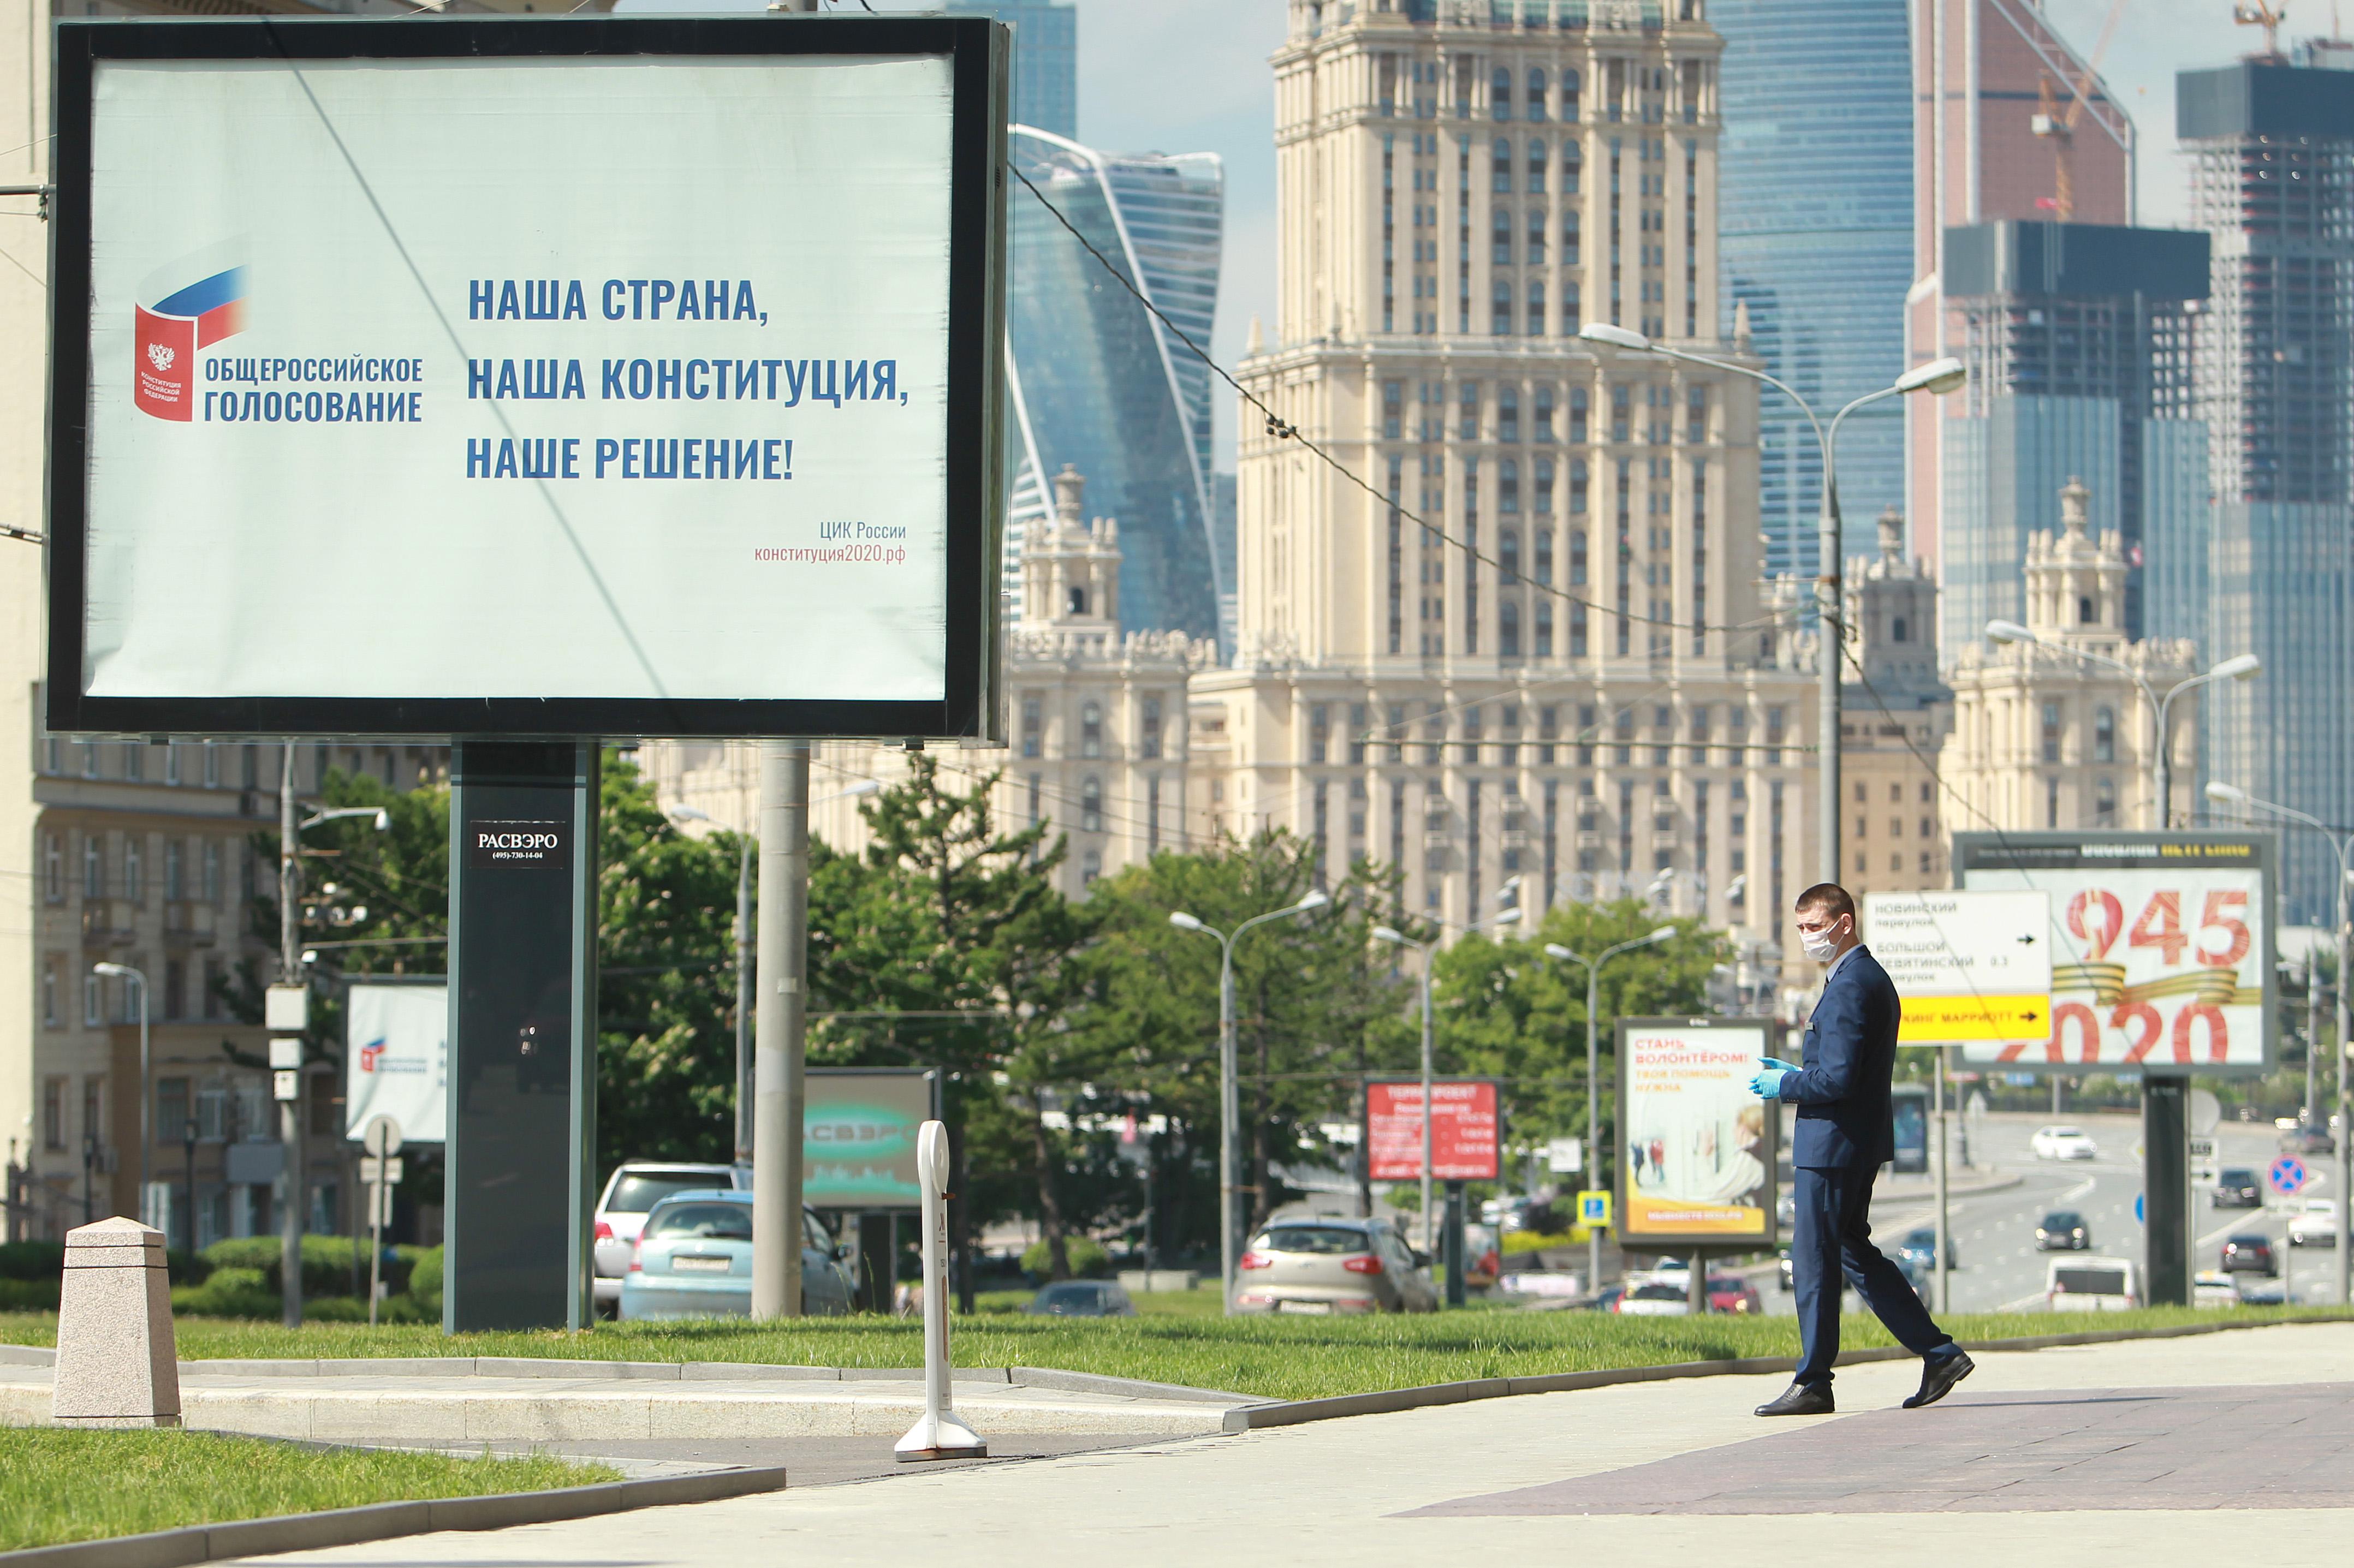 Россияне должны выразить свое отношения к изменениям в Конституции самостоятельно, и никто и ничто не должно им помешать это сделать / item_Вечерняя Москва / Наталия Нечаева, «Вечерняя Москва»